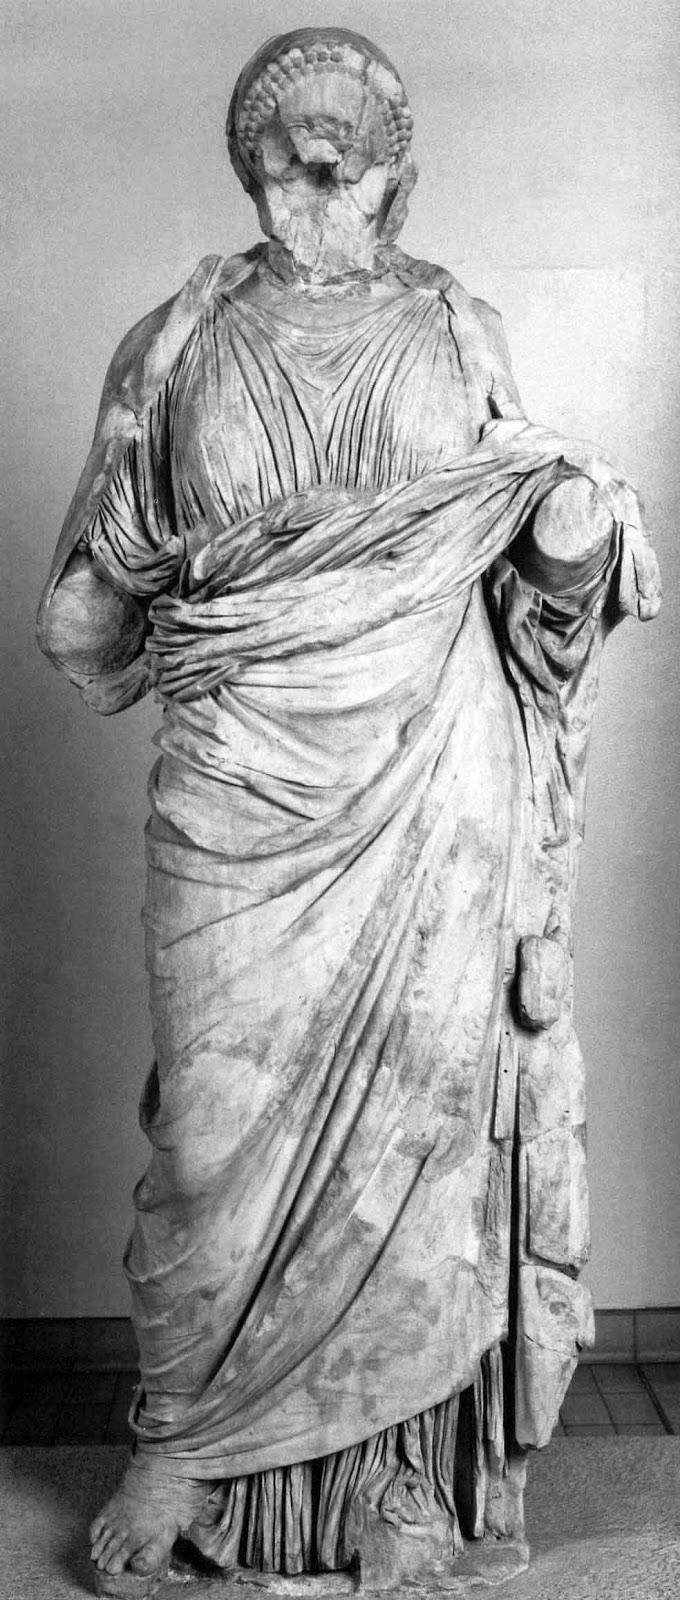 Άγαλμα όρθιας ντυμένης γυναίκας από το Μαυσωλείο της Αλικαρνασσού. Λονδίνο